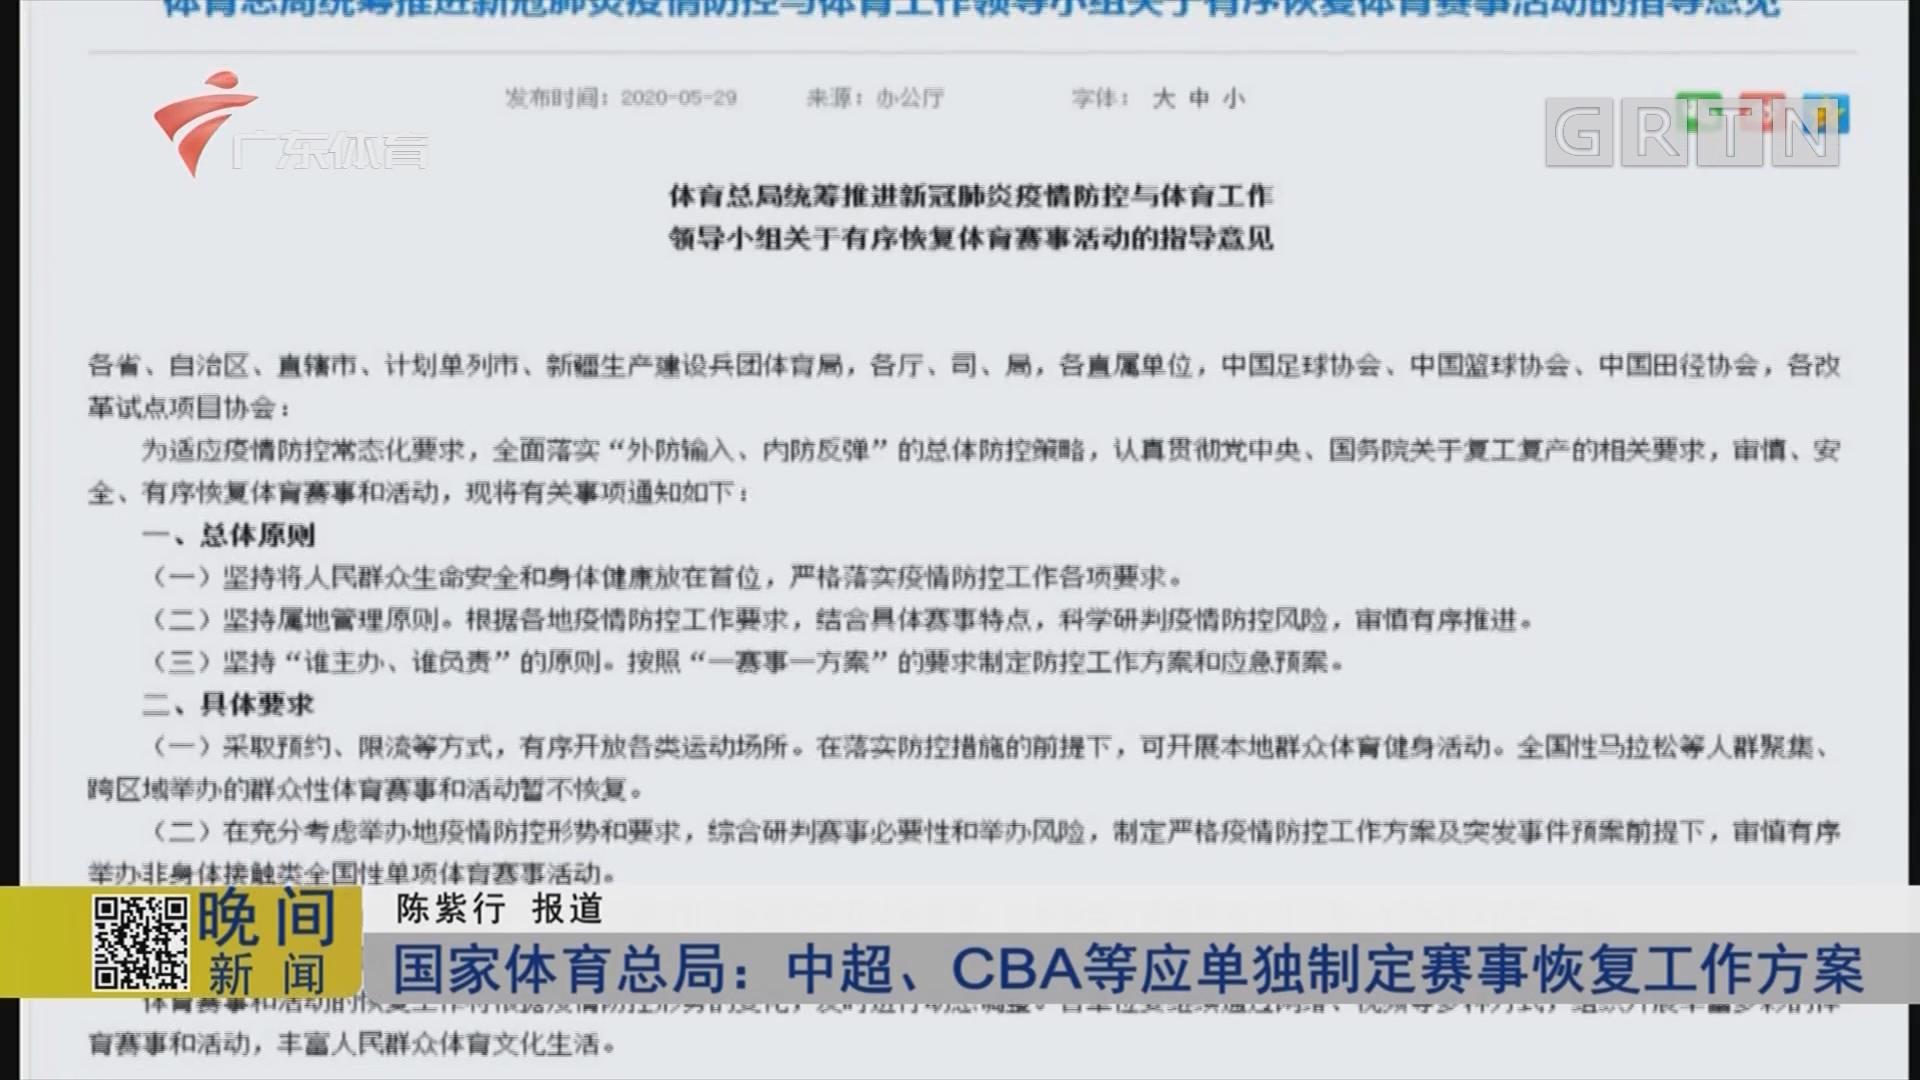 國家體育總局:中超、CBA等應單獨制定賽事恢復工作方案